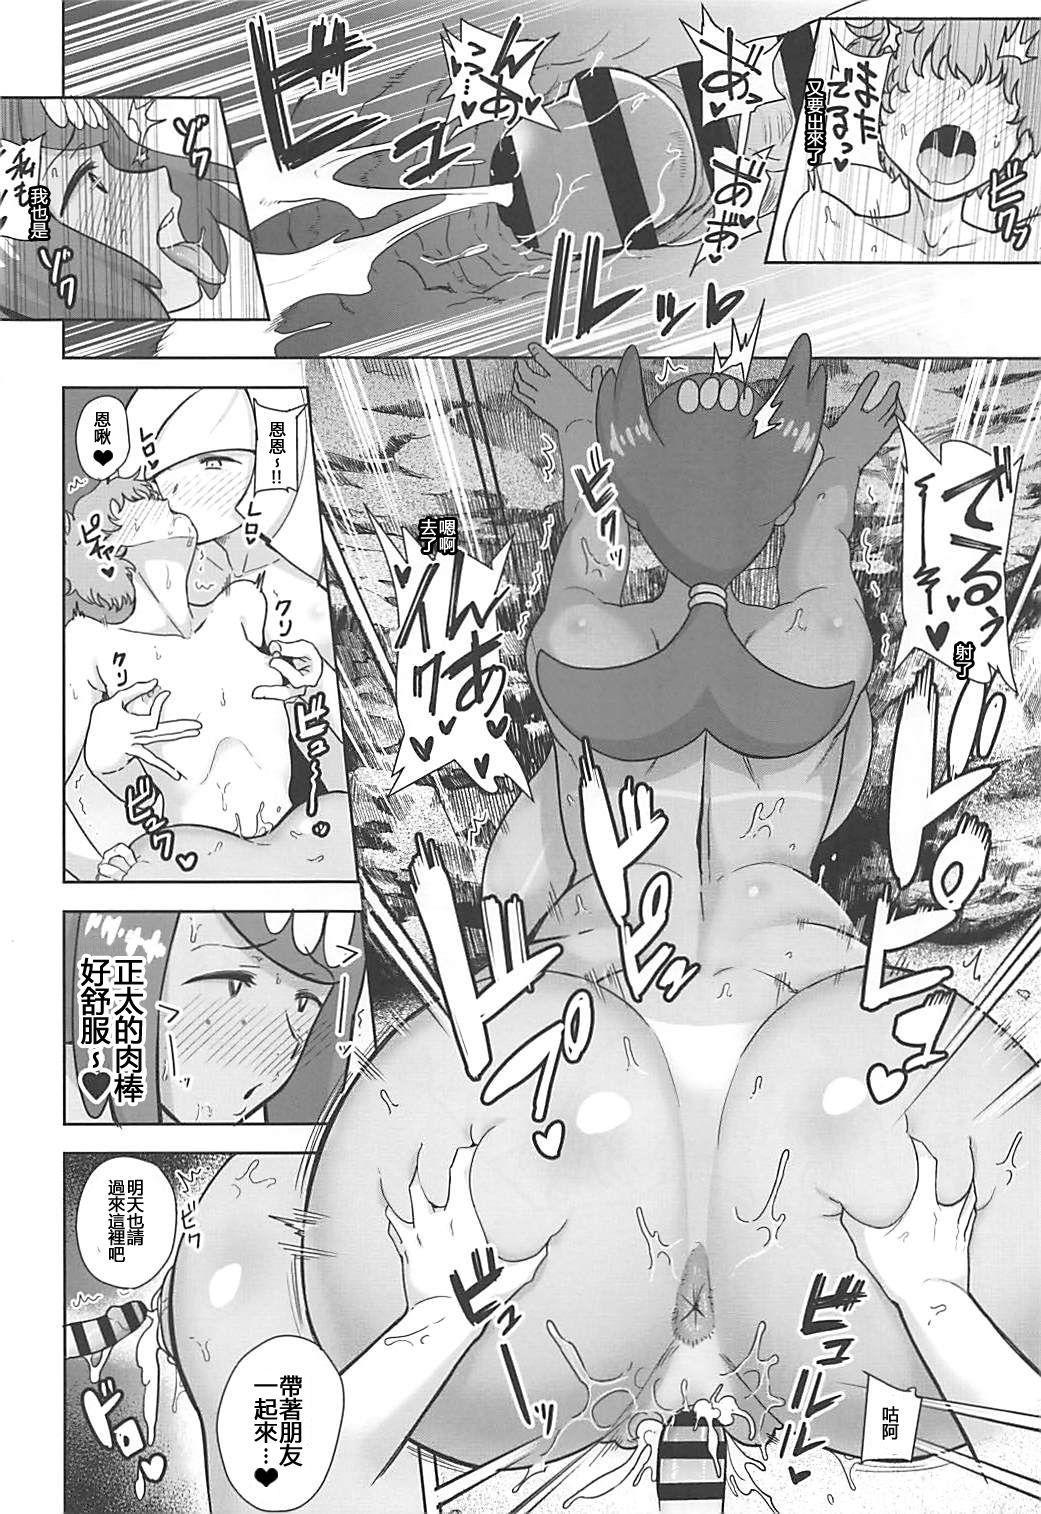 Alola no Yoru no Sugata 3 8